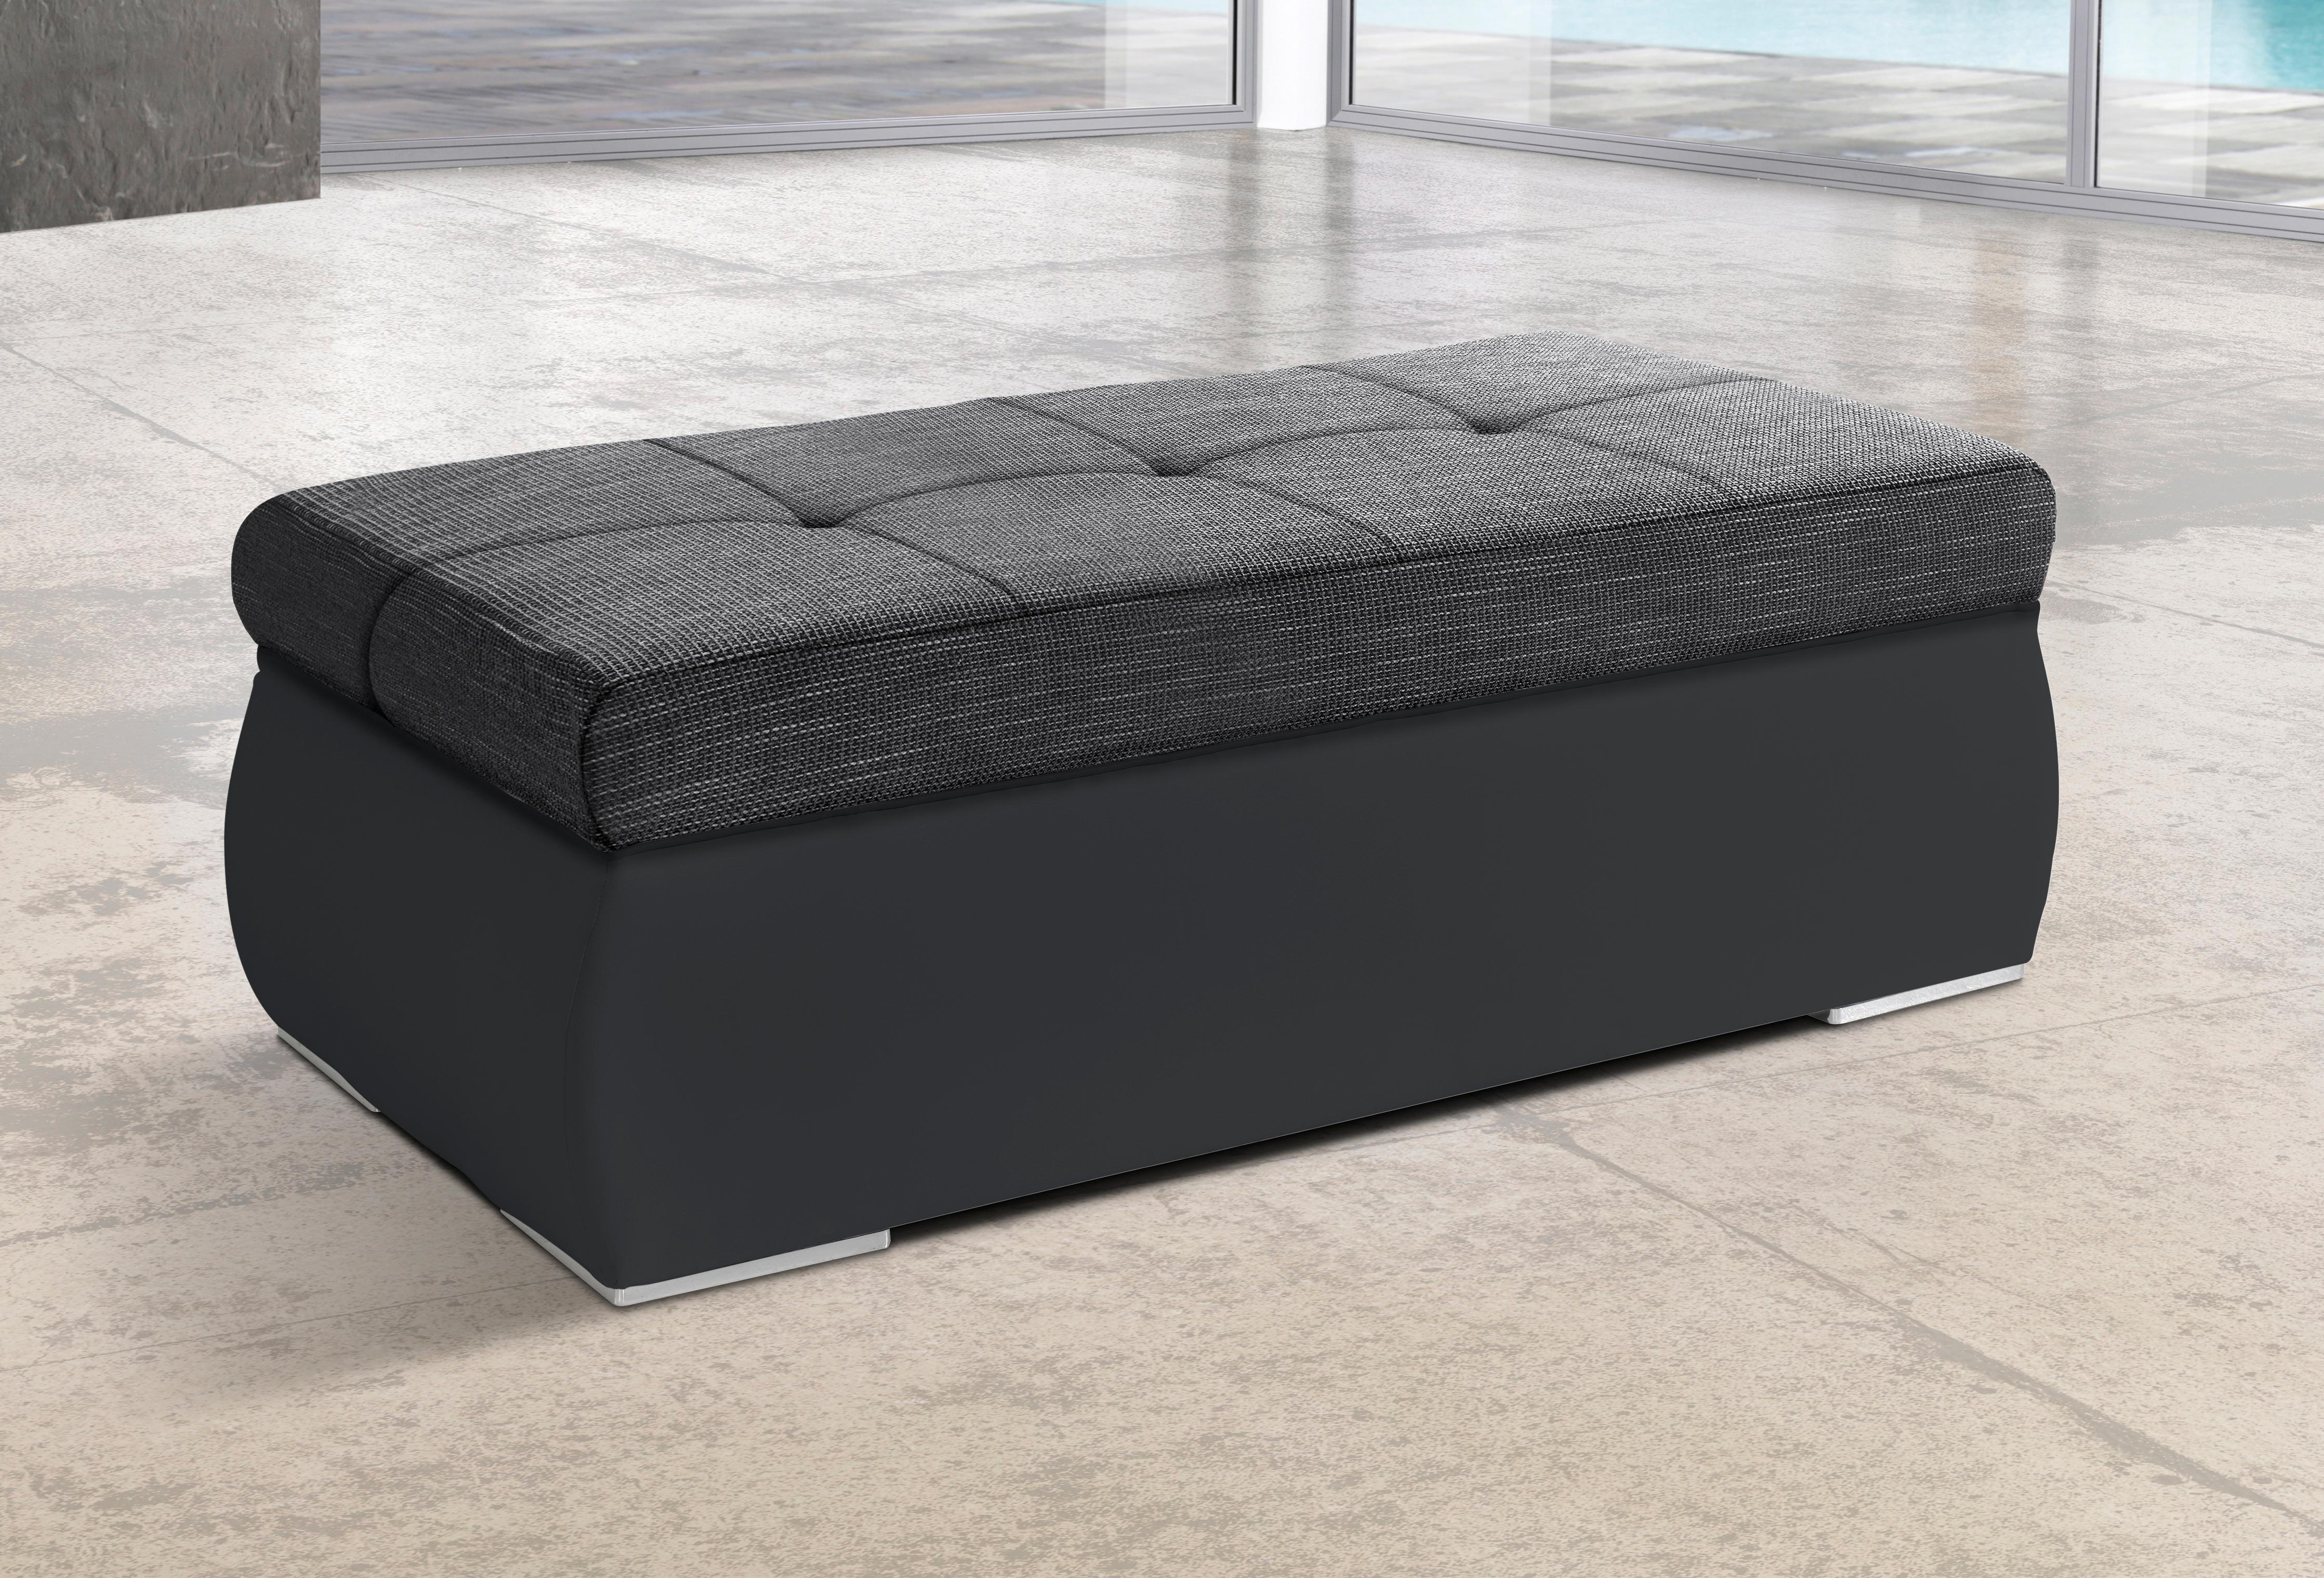 sit&more Hocker   Wohnzimmer > Hocker & Poufs > Sitzhocker   Microfaser - Polyester   SIT&MORE